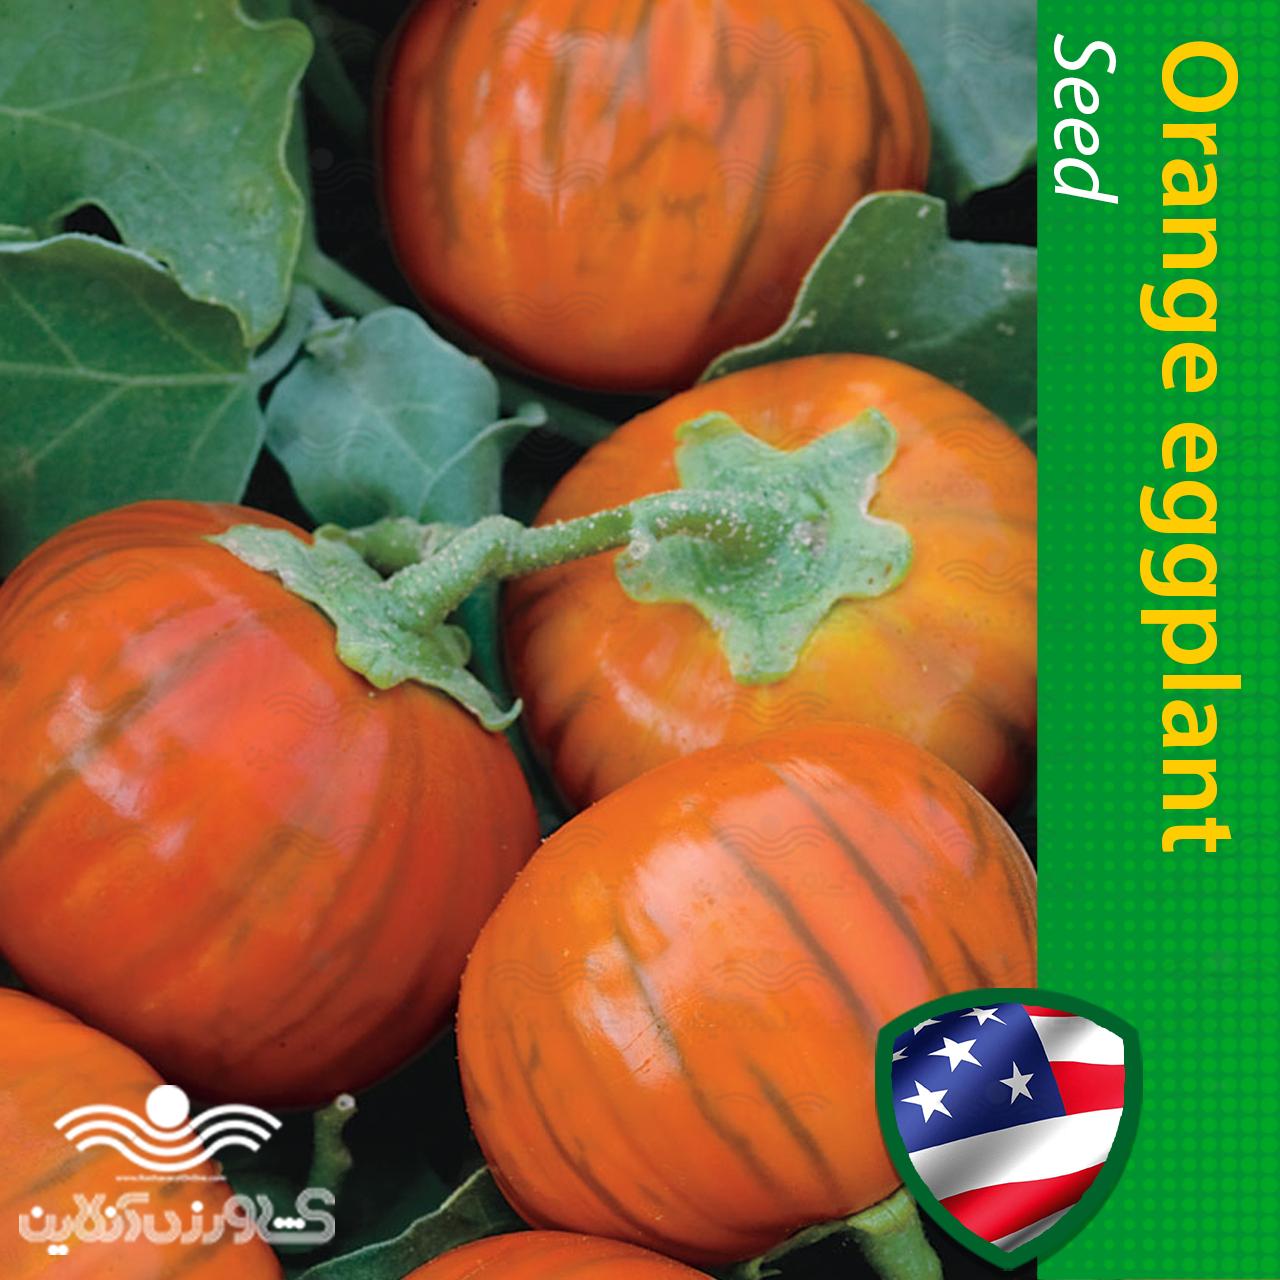 بذر بادمجان پرتقالی و نحوه کاشت بادمجان پرتقالی